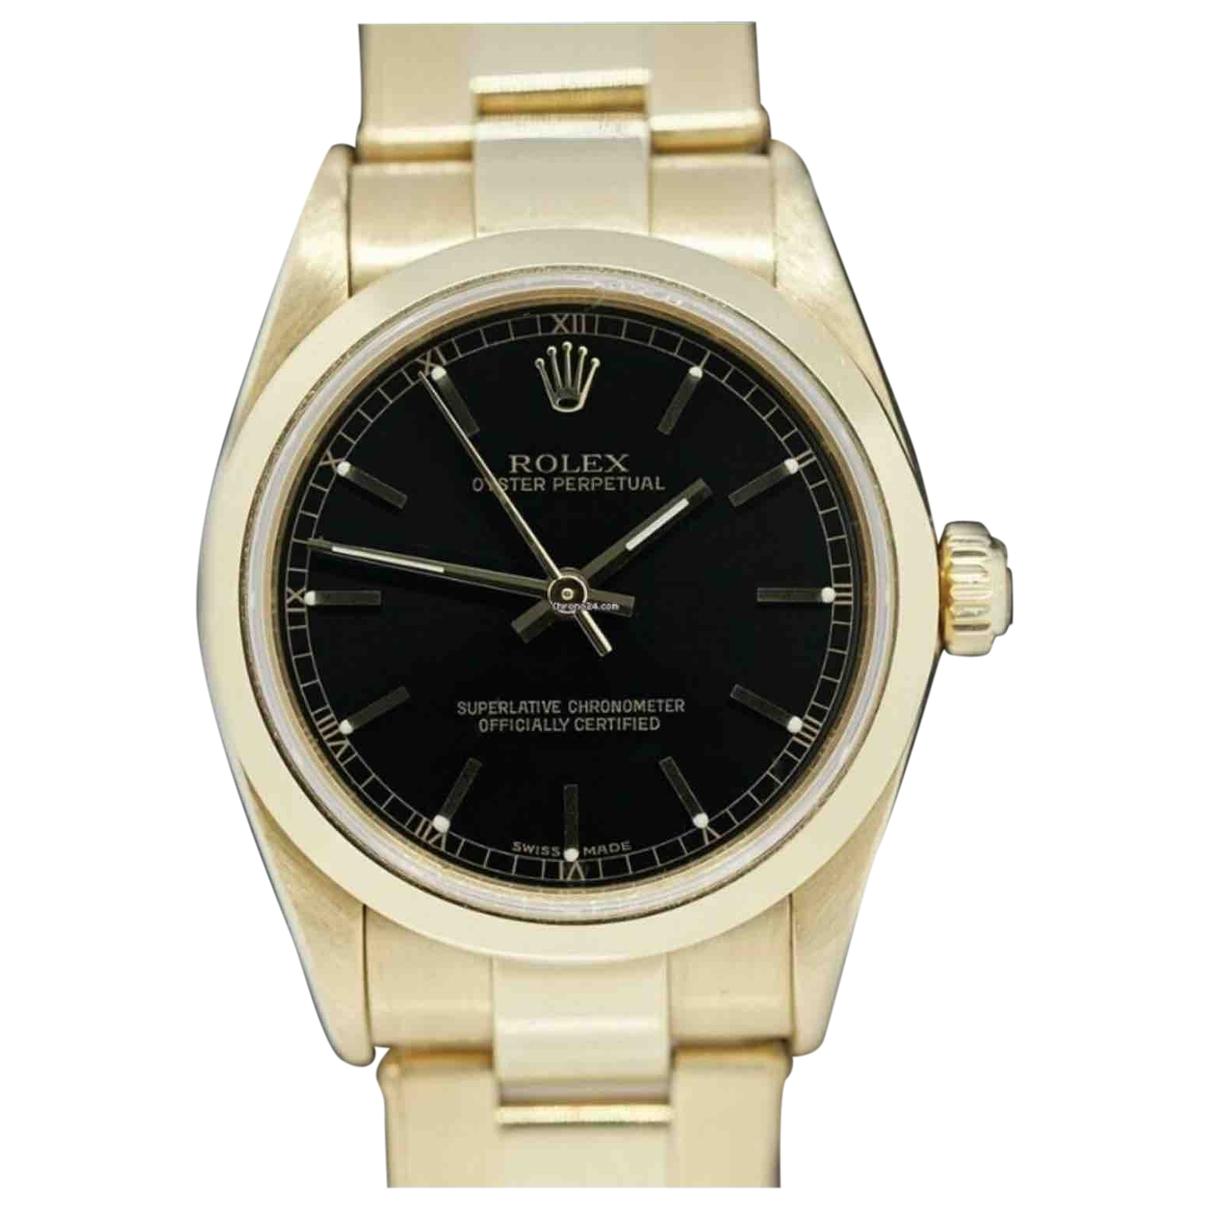 Rolex Oyster Perpetual 31mm Uhr in  Schwarz Gelbgold